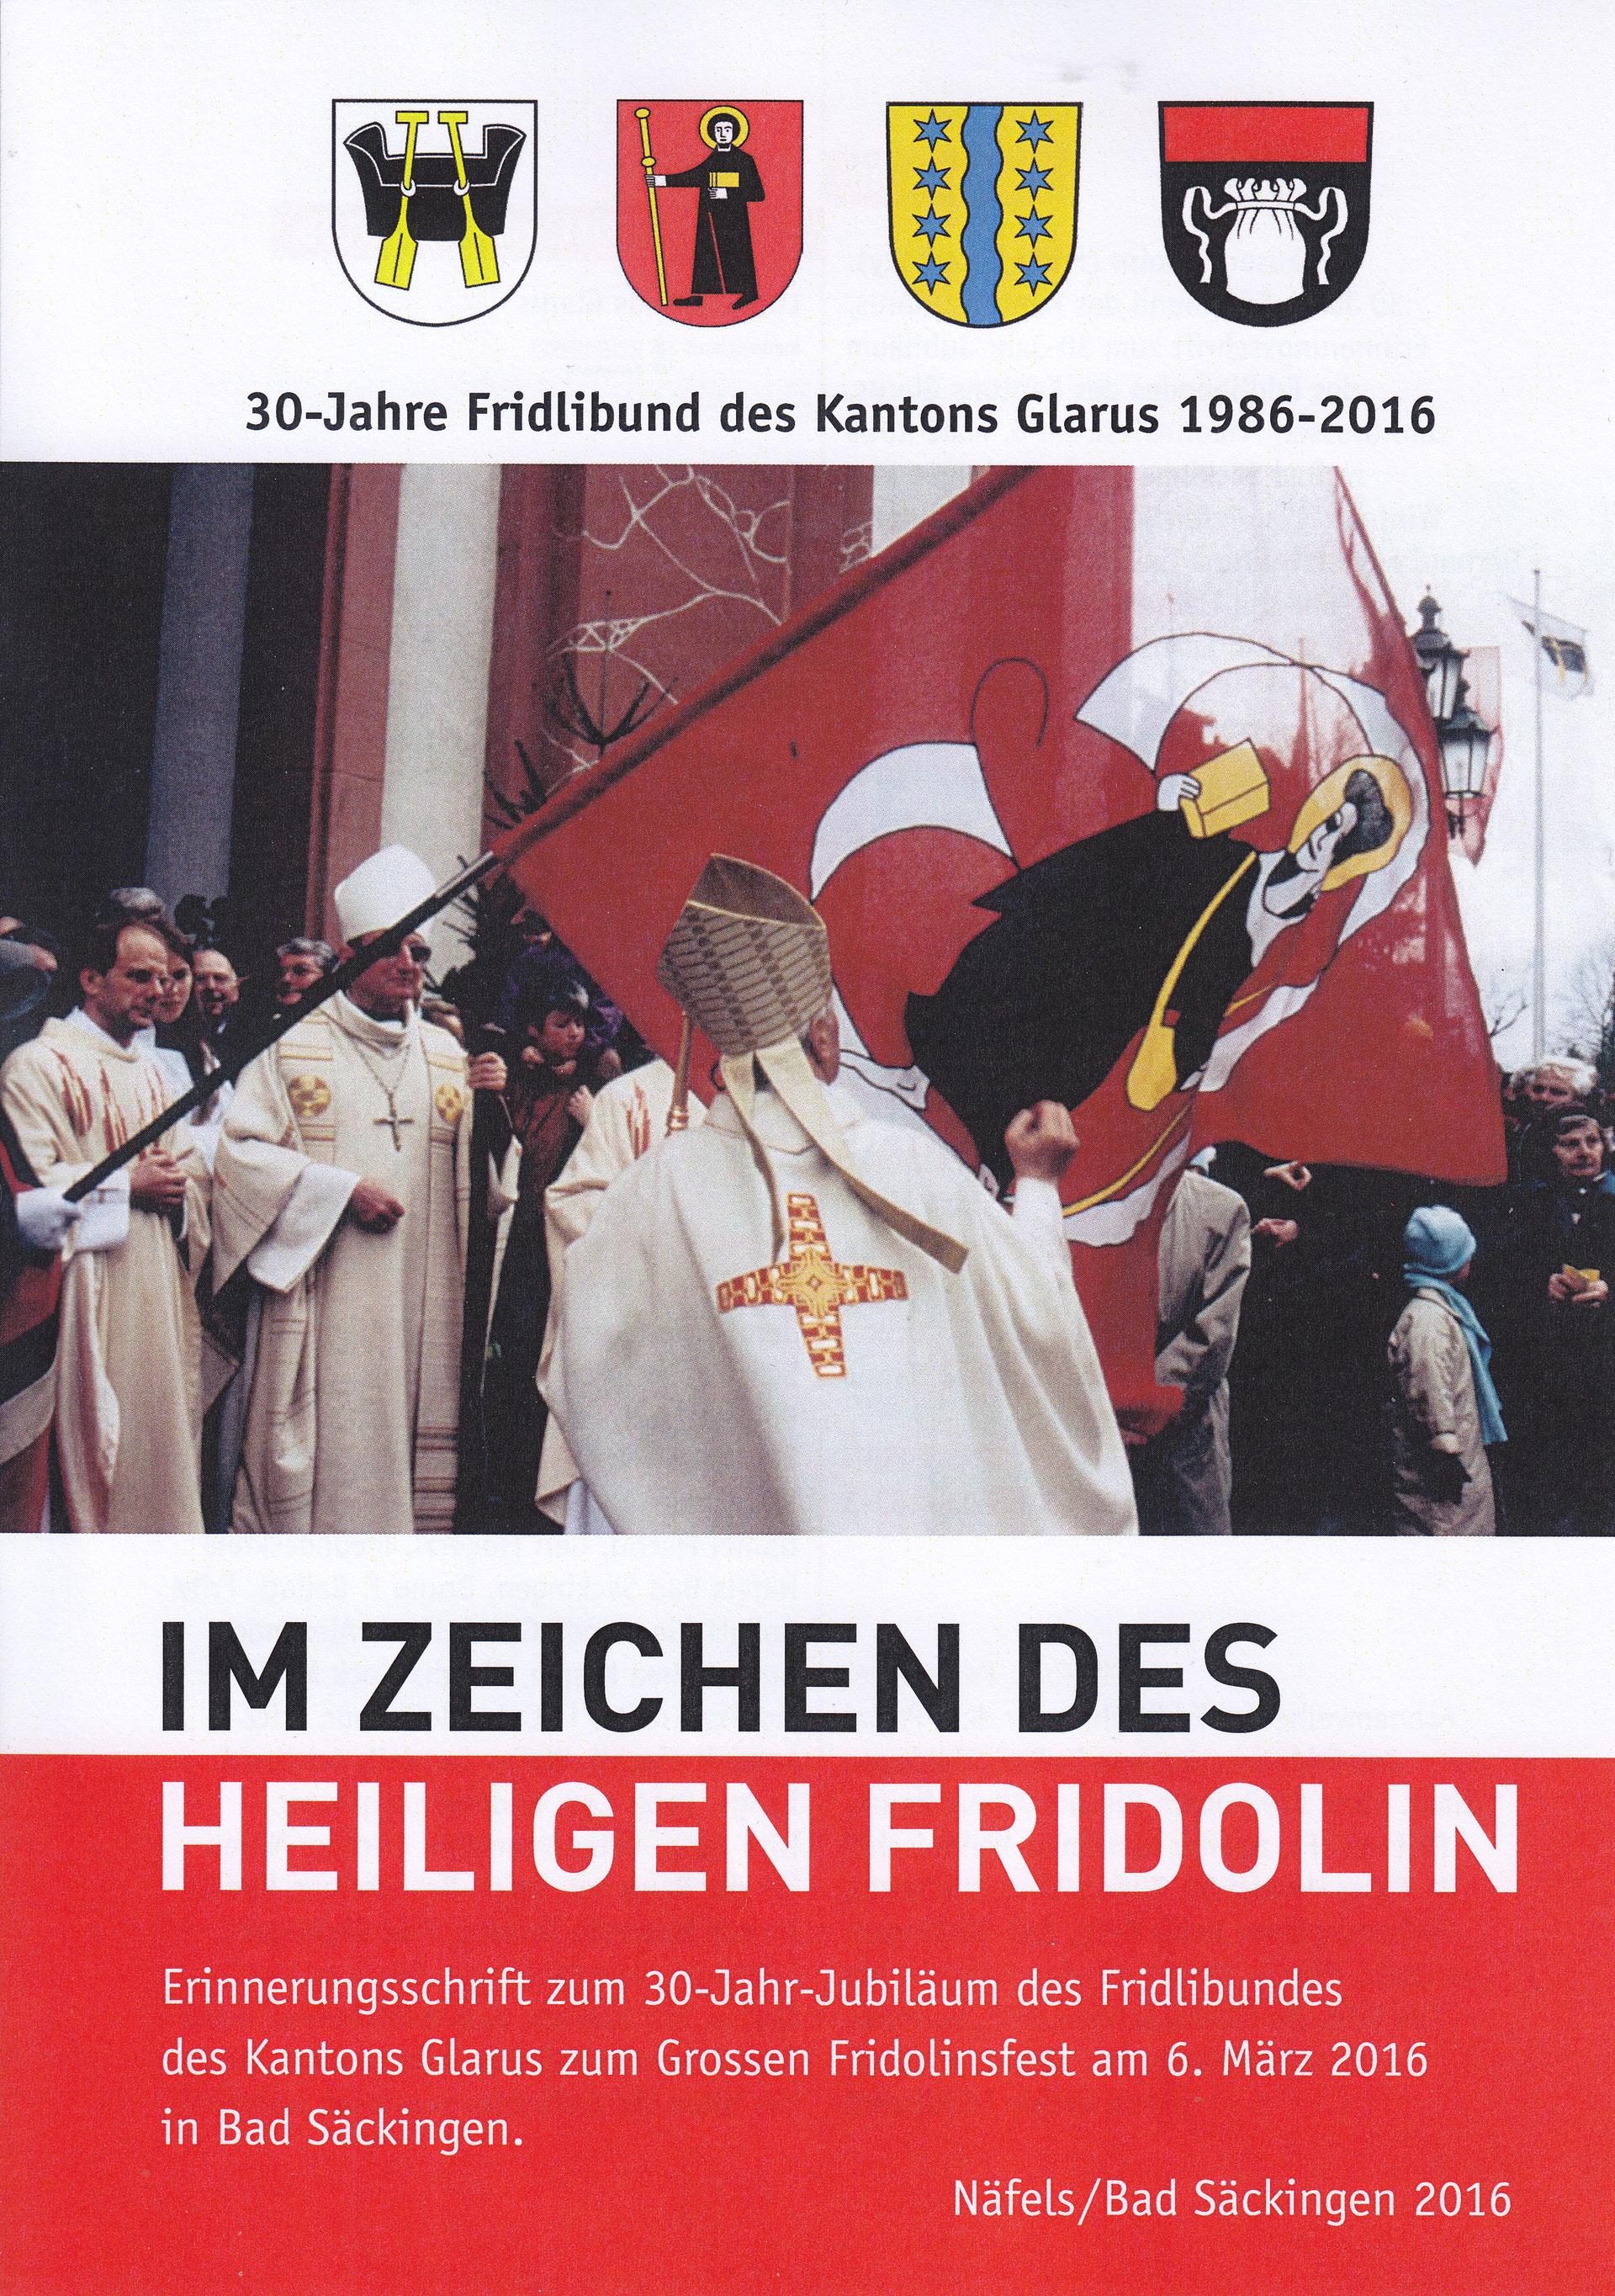 GlarusSd Anzeiger